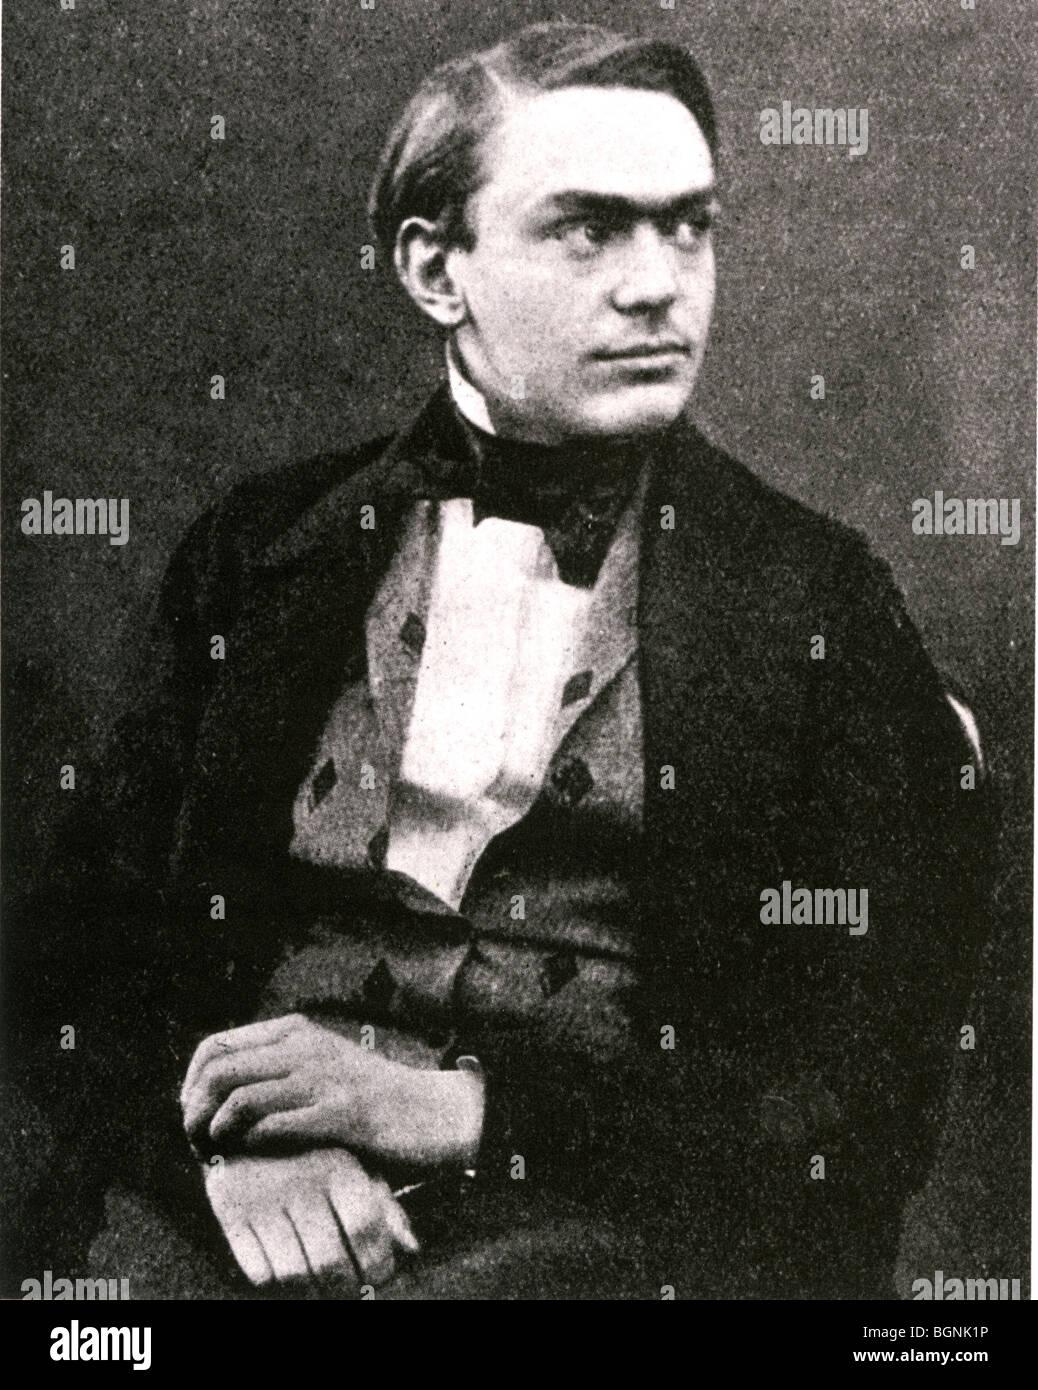 ALFRED NOBEL - schwedischer Chemiker, Erfinder des Dynamits und Gründer des Nobel Preise (1833-96) Stockbild